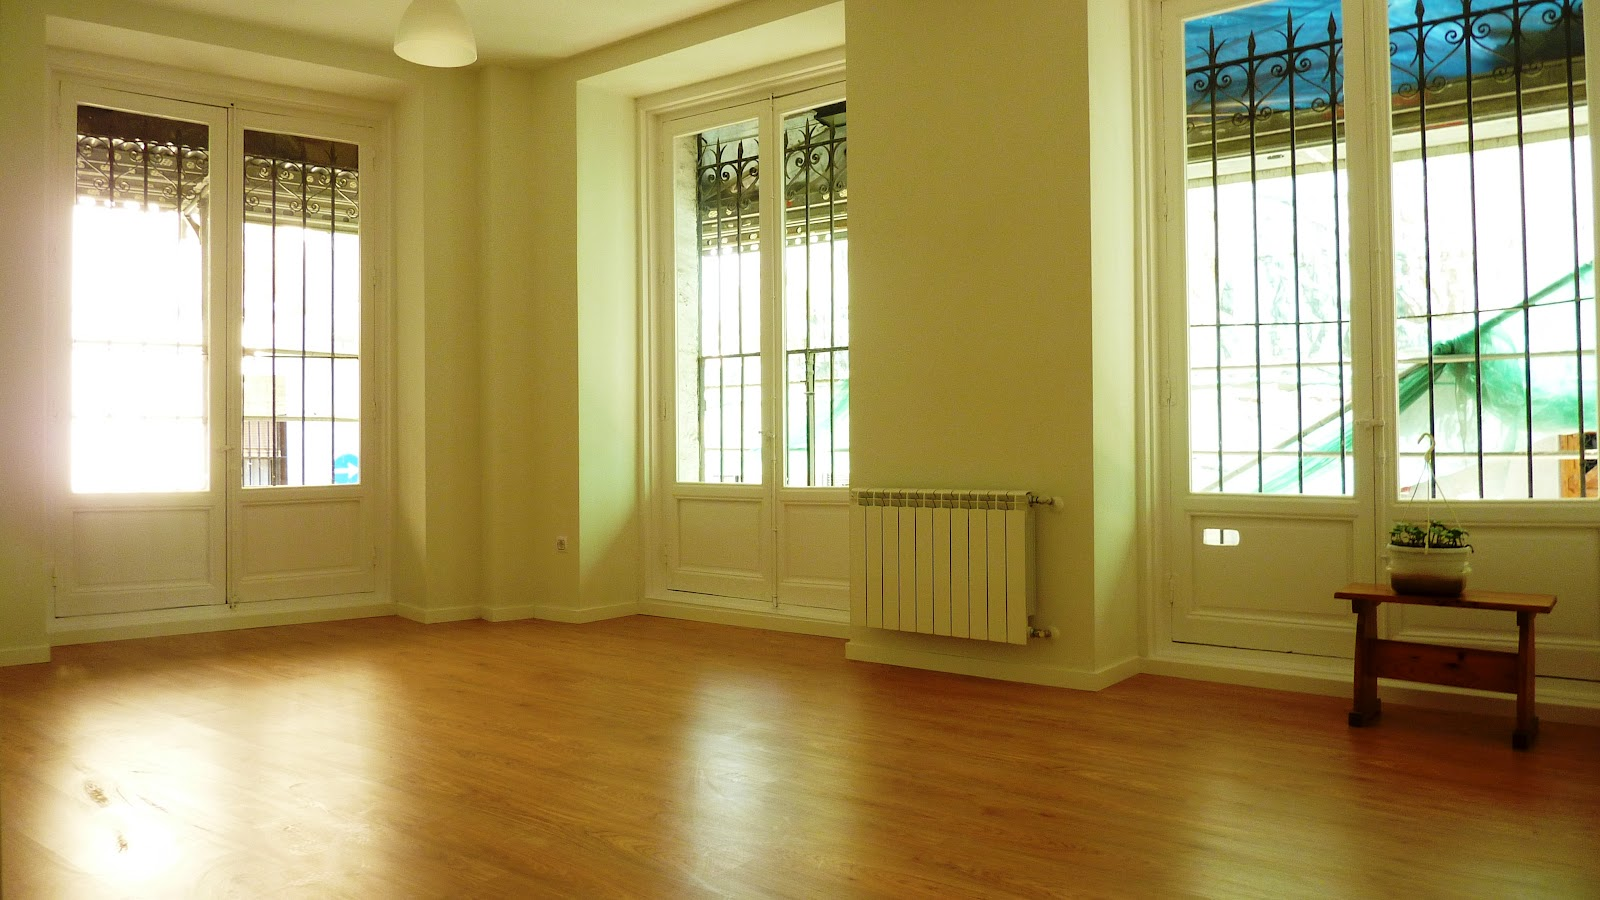 El centro hist rico de madrid tu casa para reformar en el - Centro historico de madrid ...